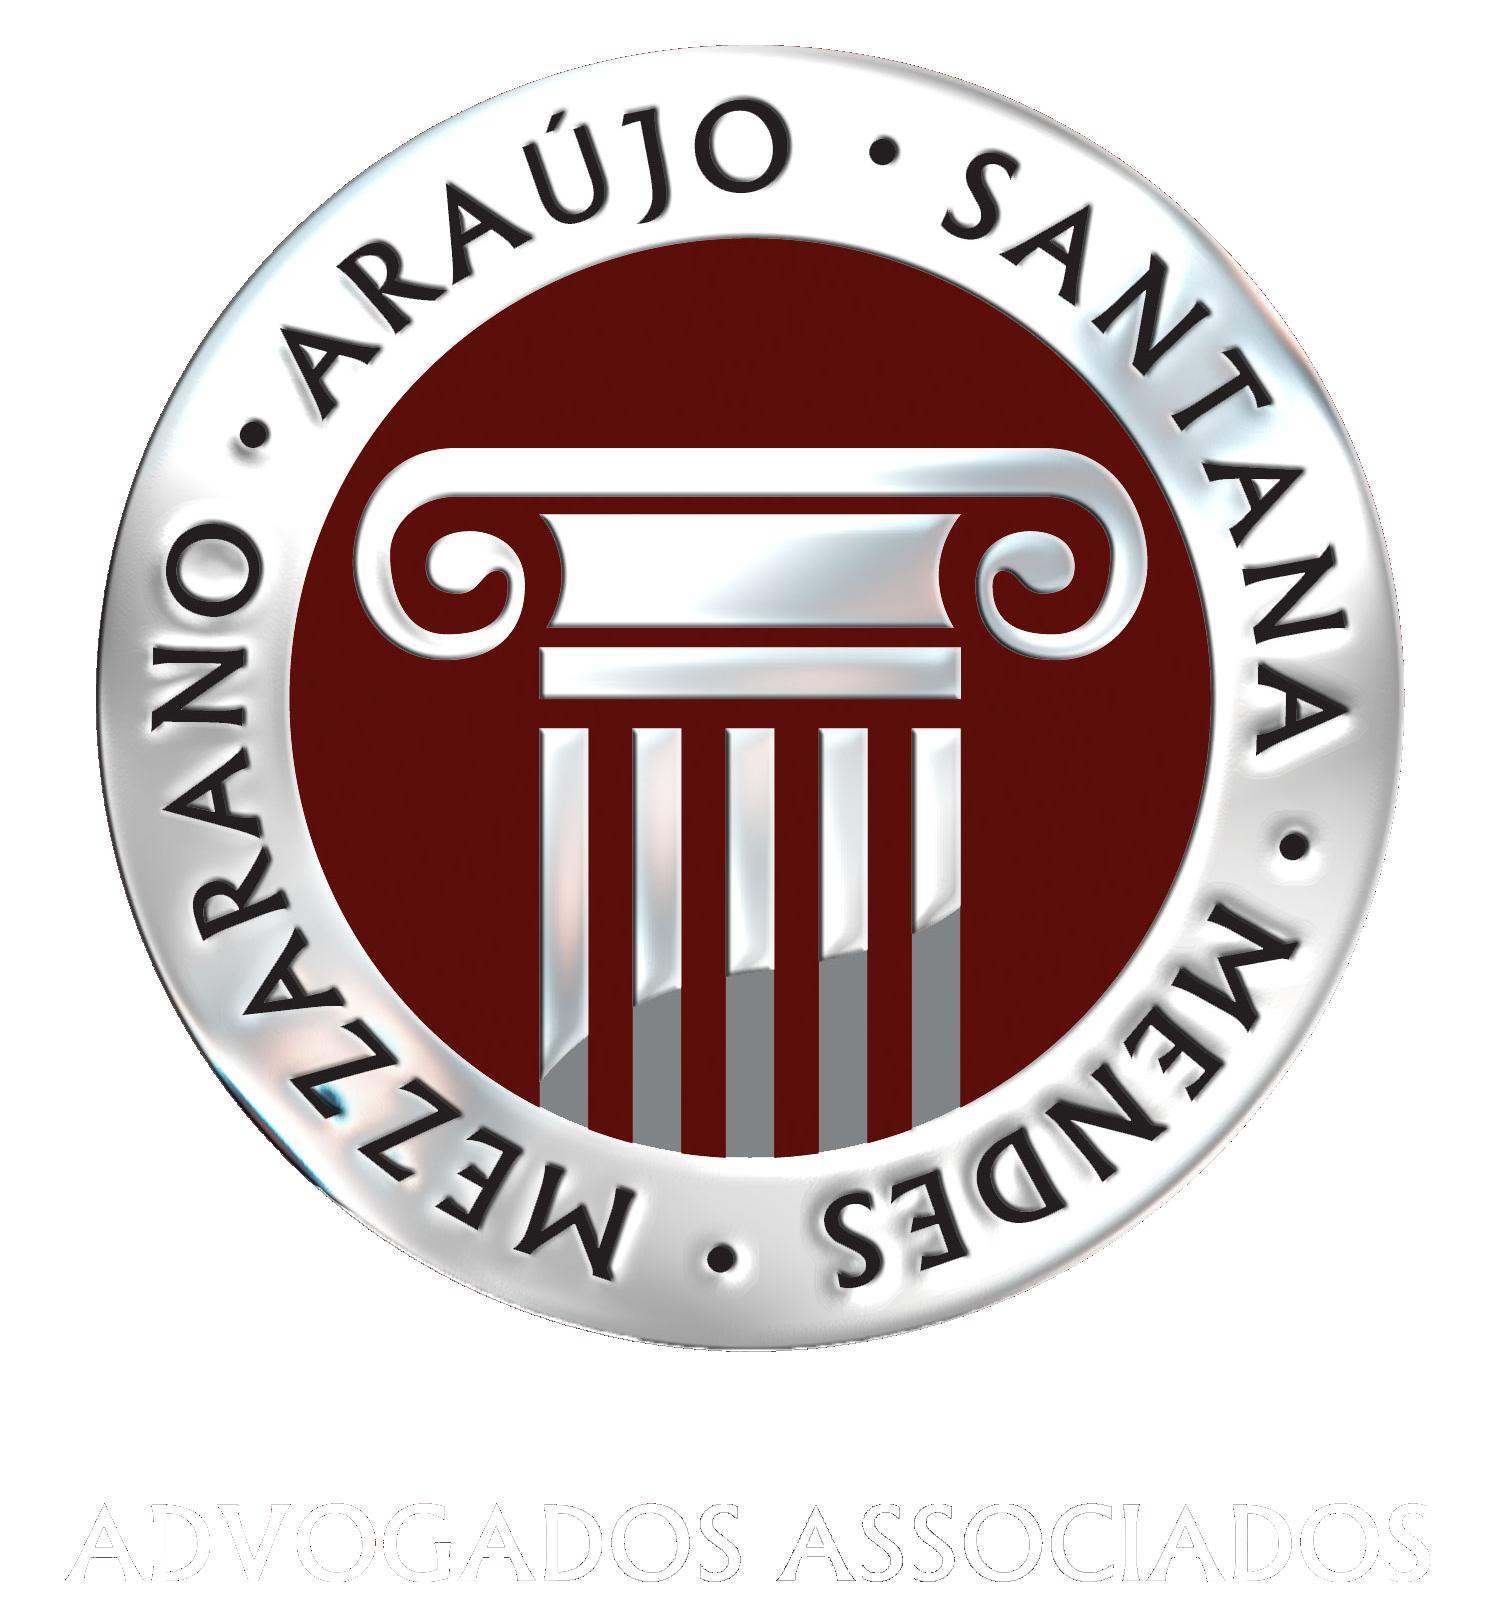 MASM Advogados Associados